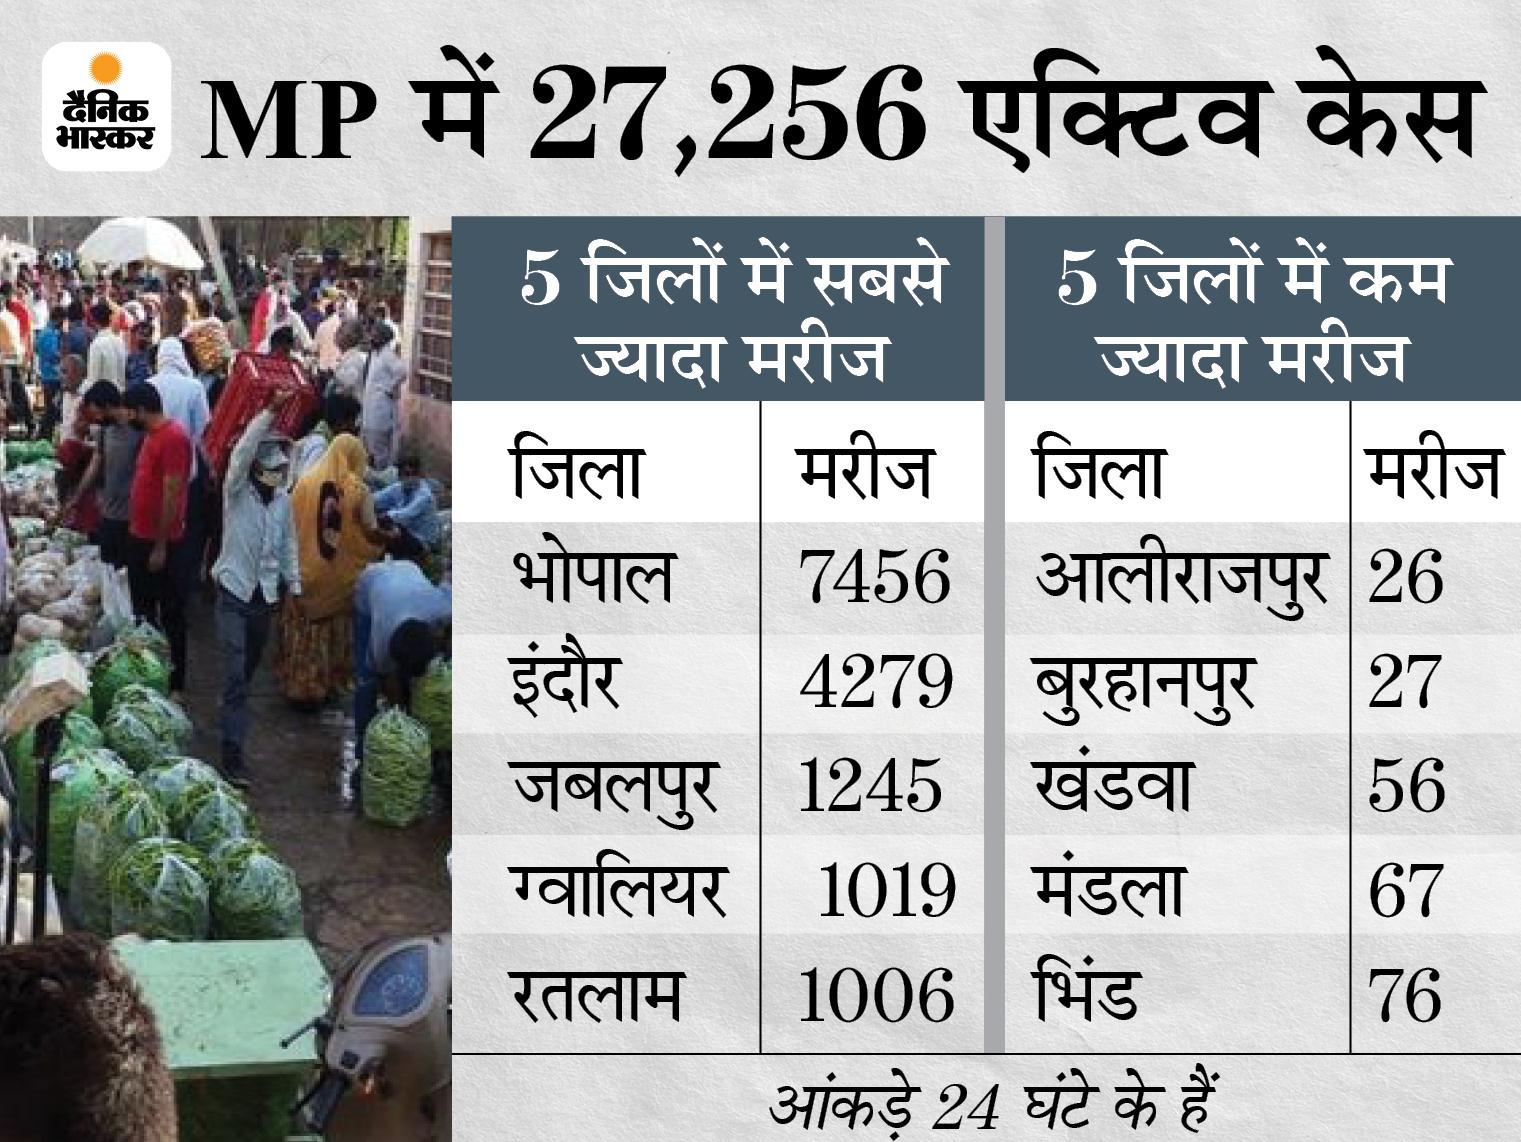 पॉजिटिविटी रेट घटकर 2% से नीचे आया, लेकिन कोरोना से मरने वालों का आंकड़ा 8 हजार के पार; 29 दिन के अंदर 28% मौतें|मध्य प्रदेश,Madhya Pradesh - Dainik Bhaskar